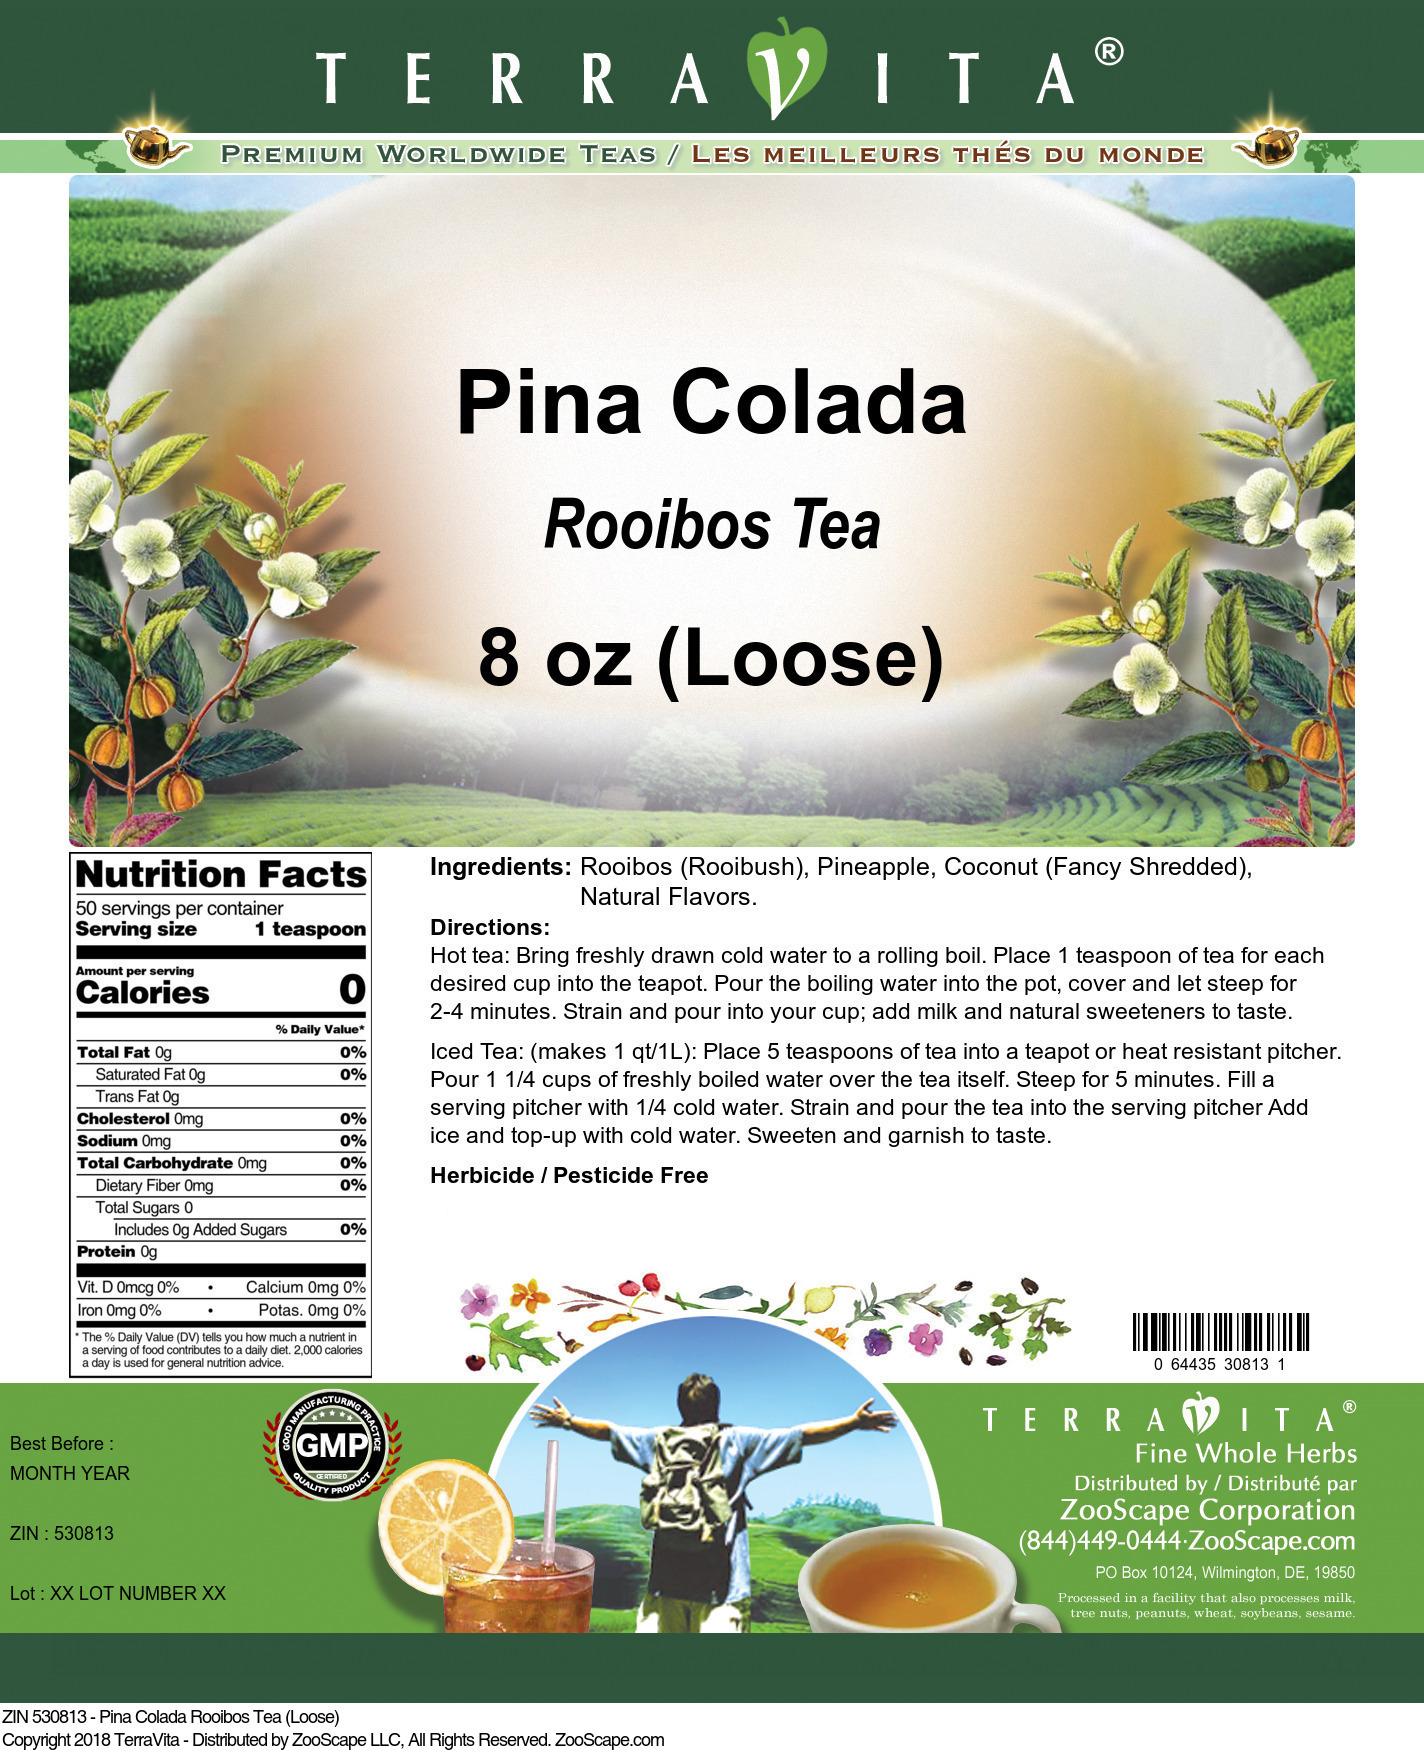 Pina Colada Rooibos Tea